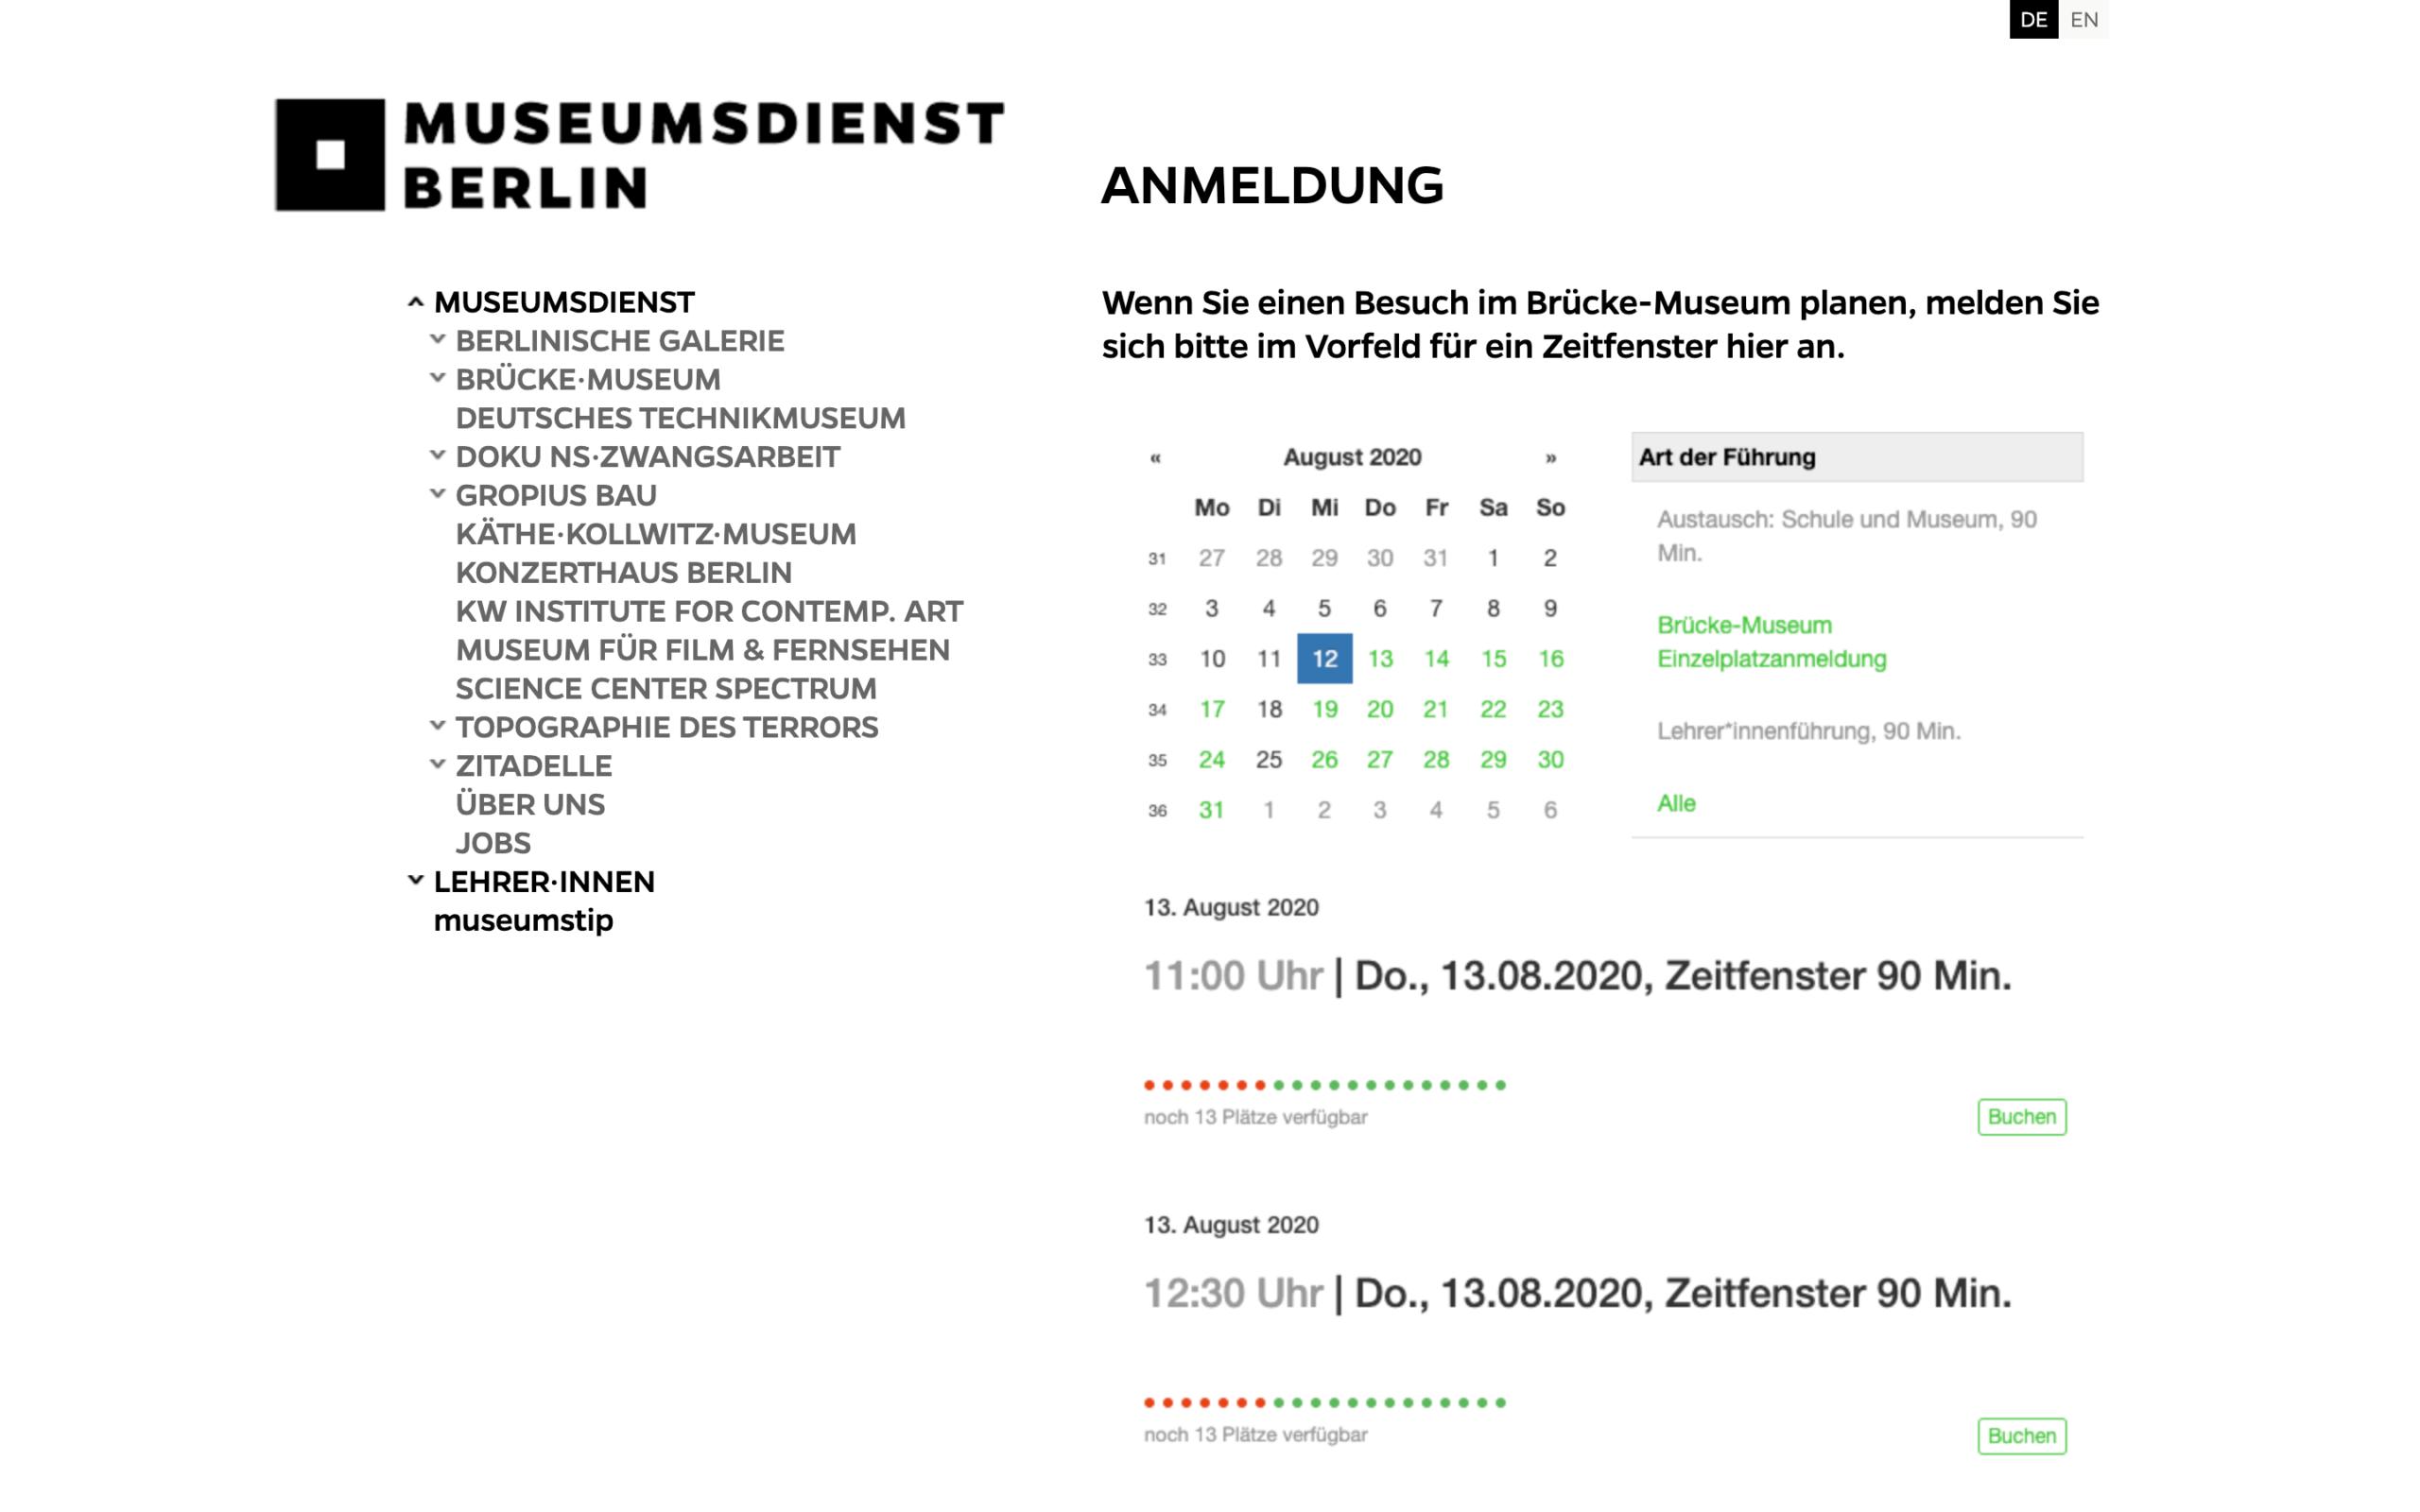 Desktopansicht des Widget für Anmeldungen im Brücke Museum